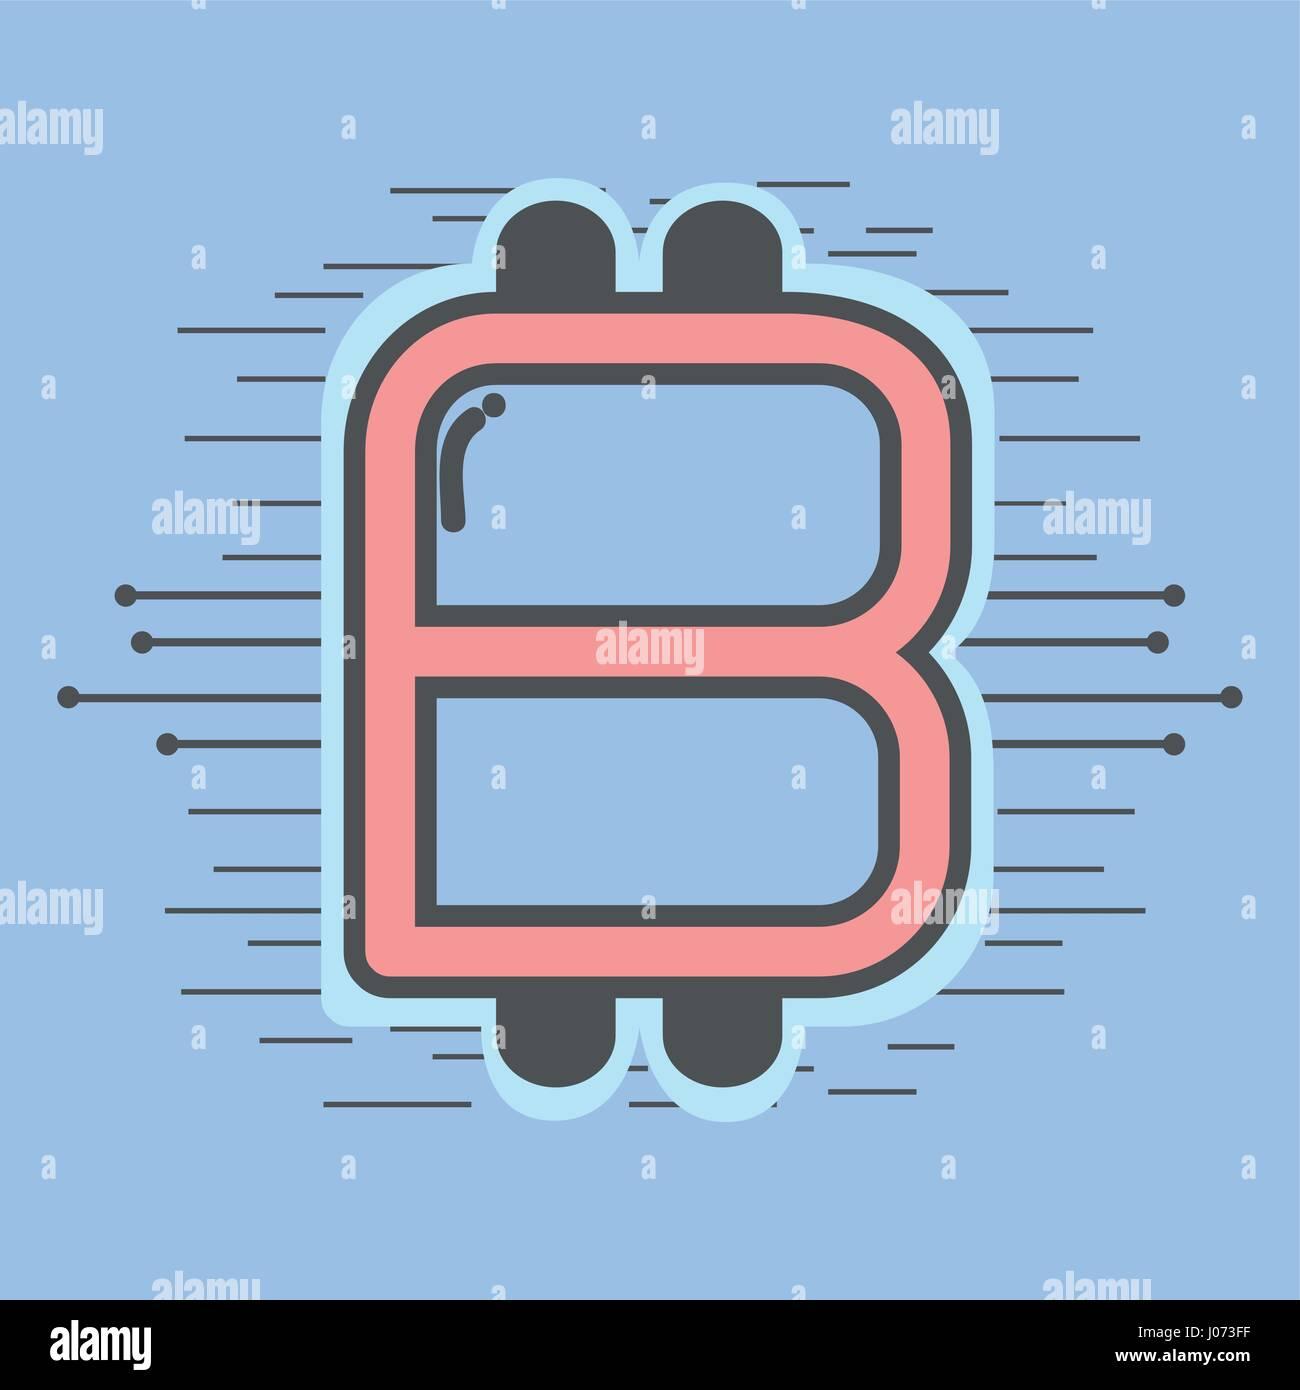 Color Symbol Icon Circuit Bitcoin Stockfotos & Color Symbol Icon ...